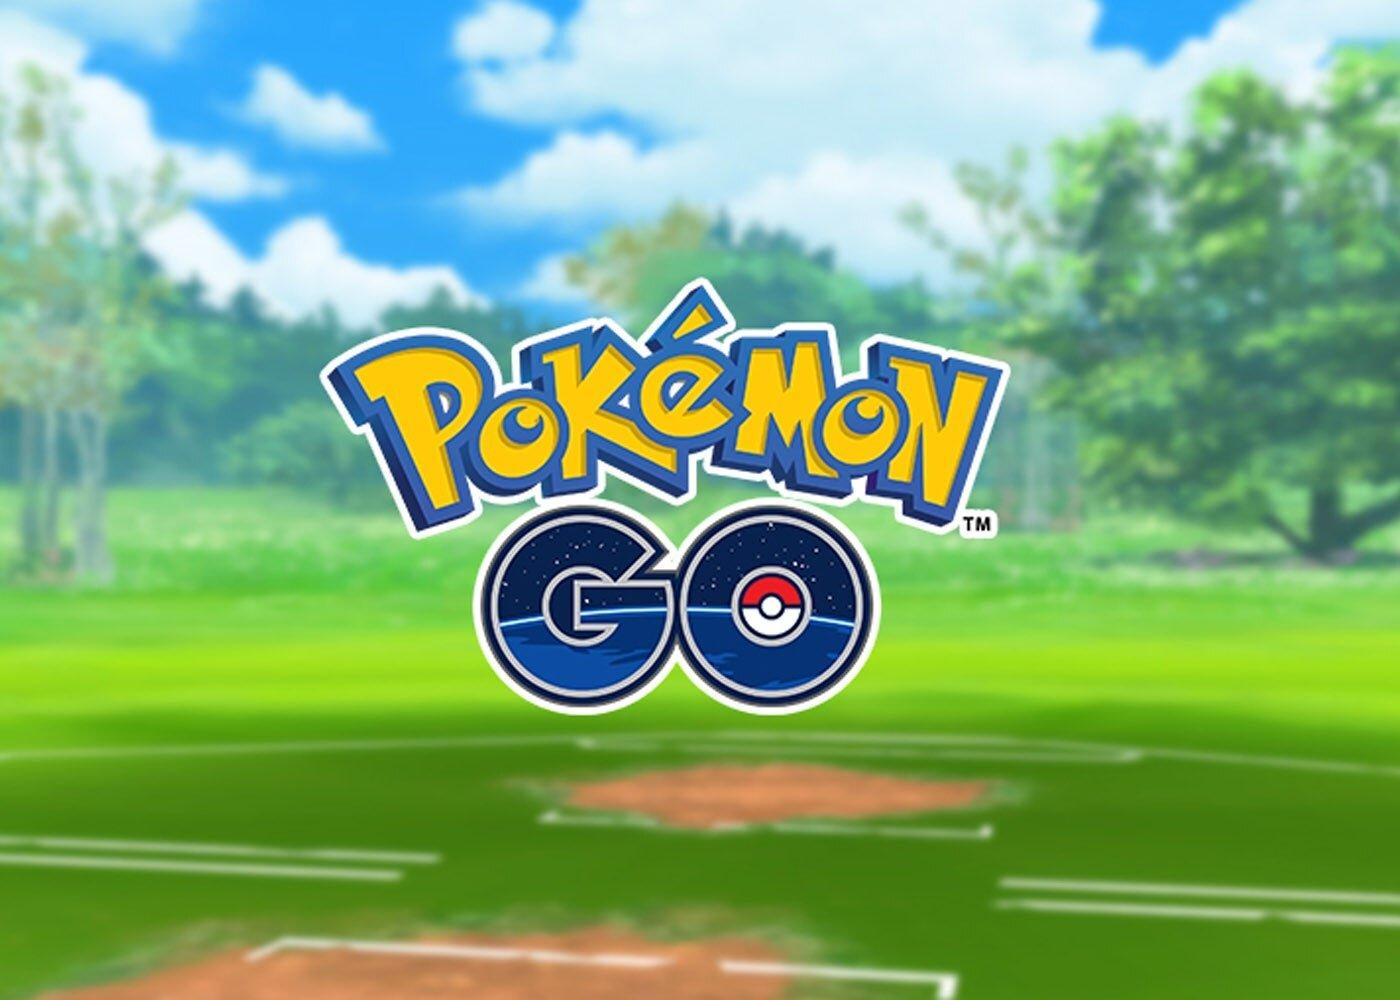 Logo Pokemon aller